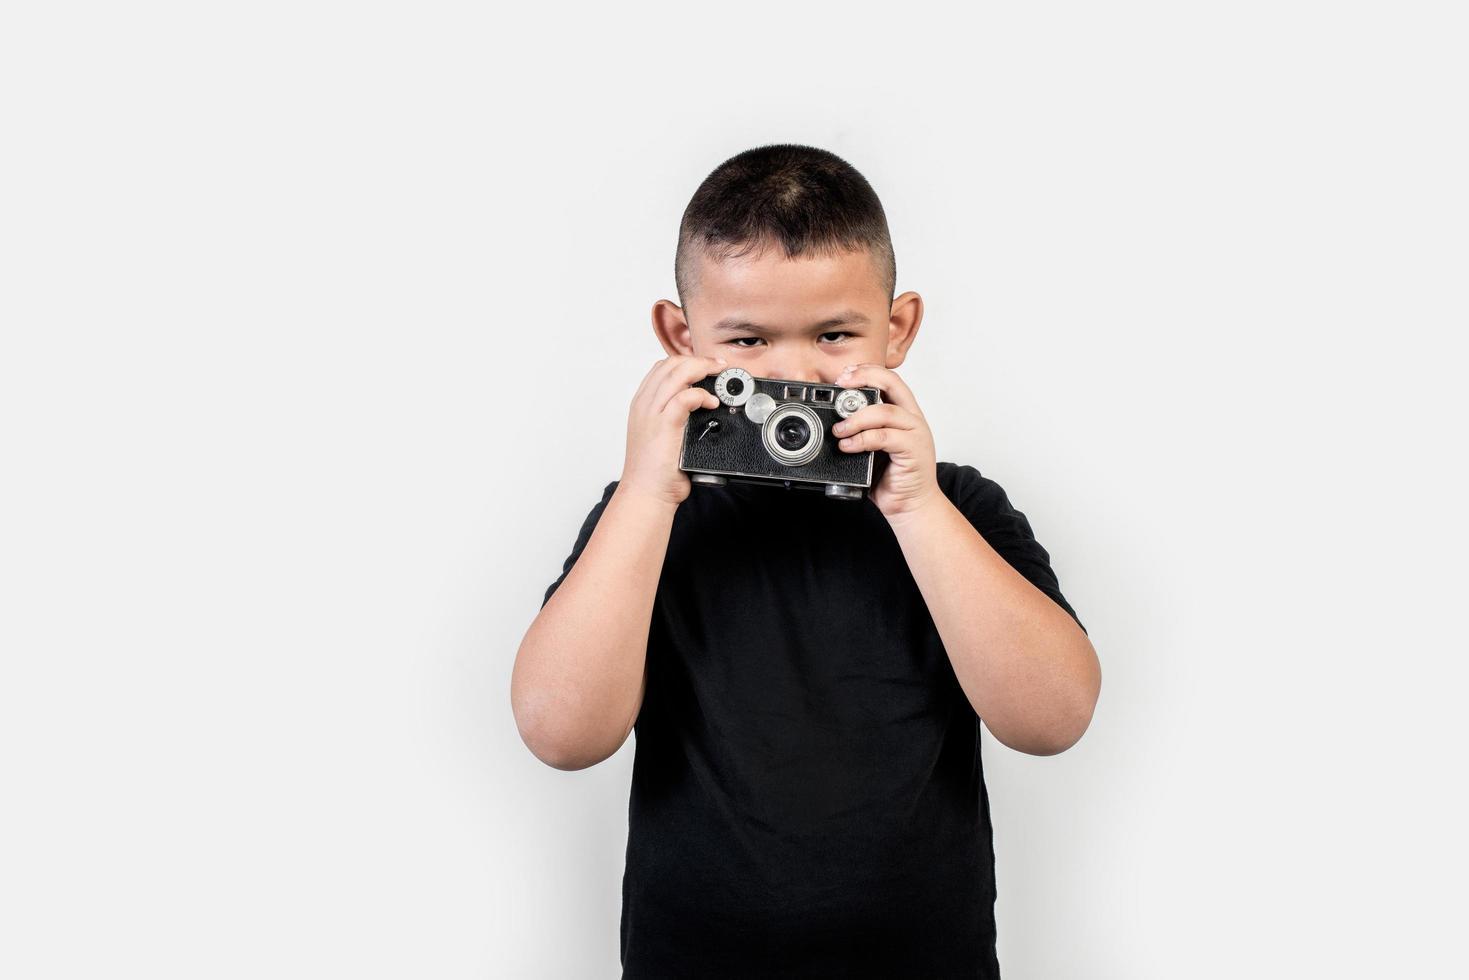 photographe enfant prendre une photo. photo